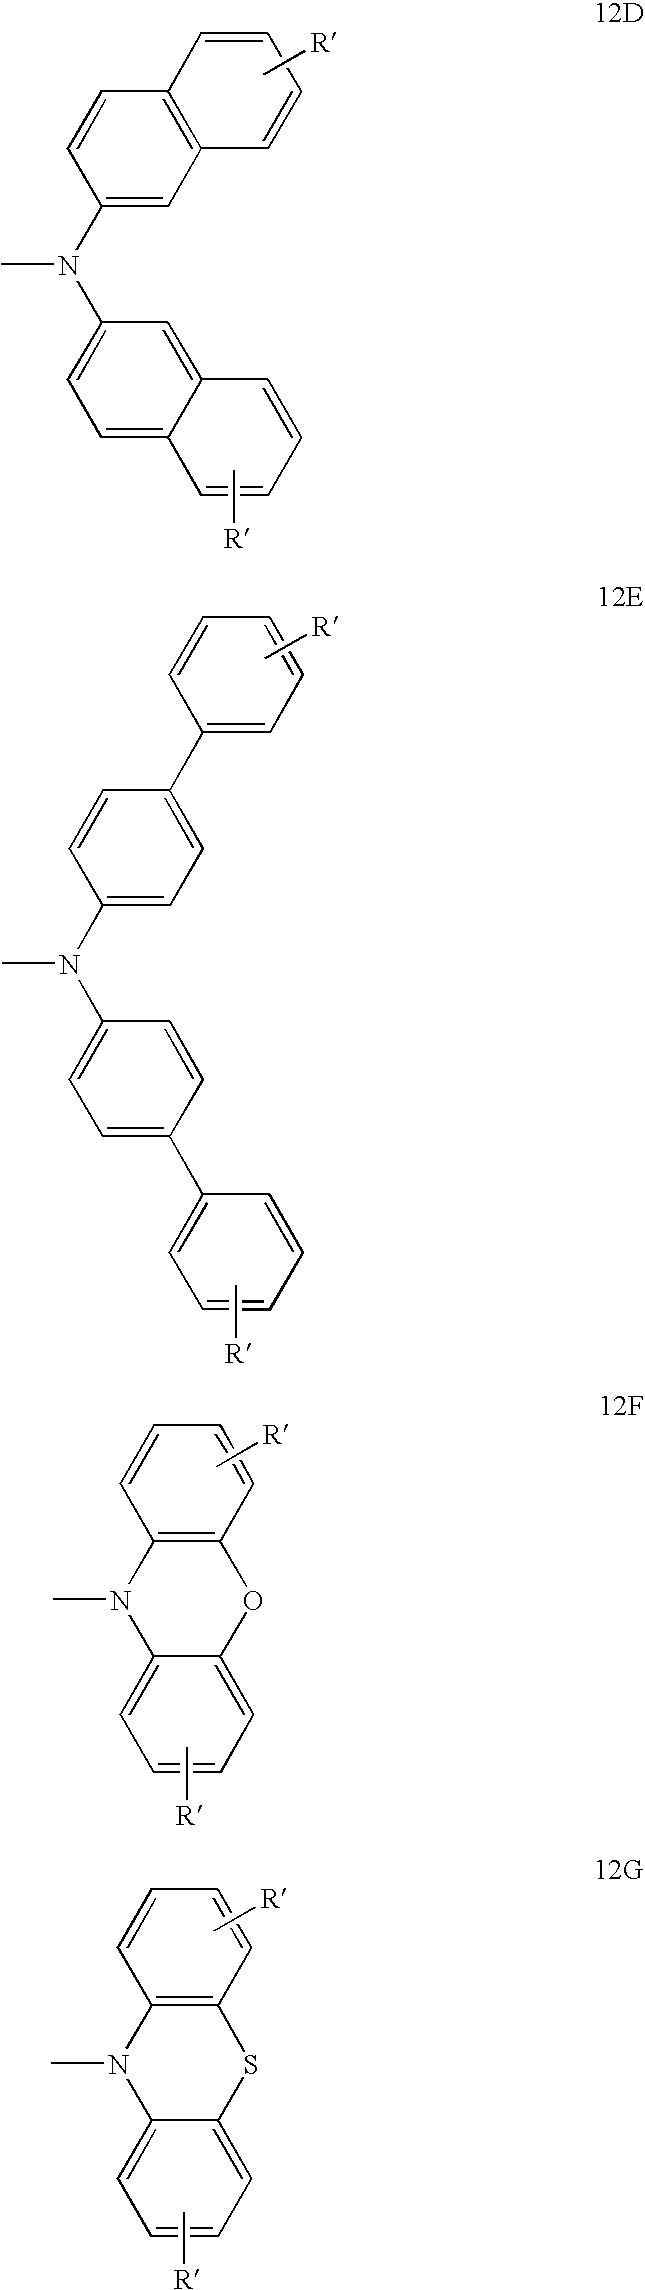 Figure US07875367-20110125-C00080